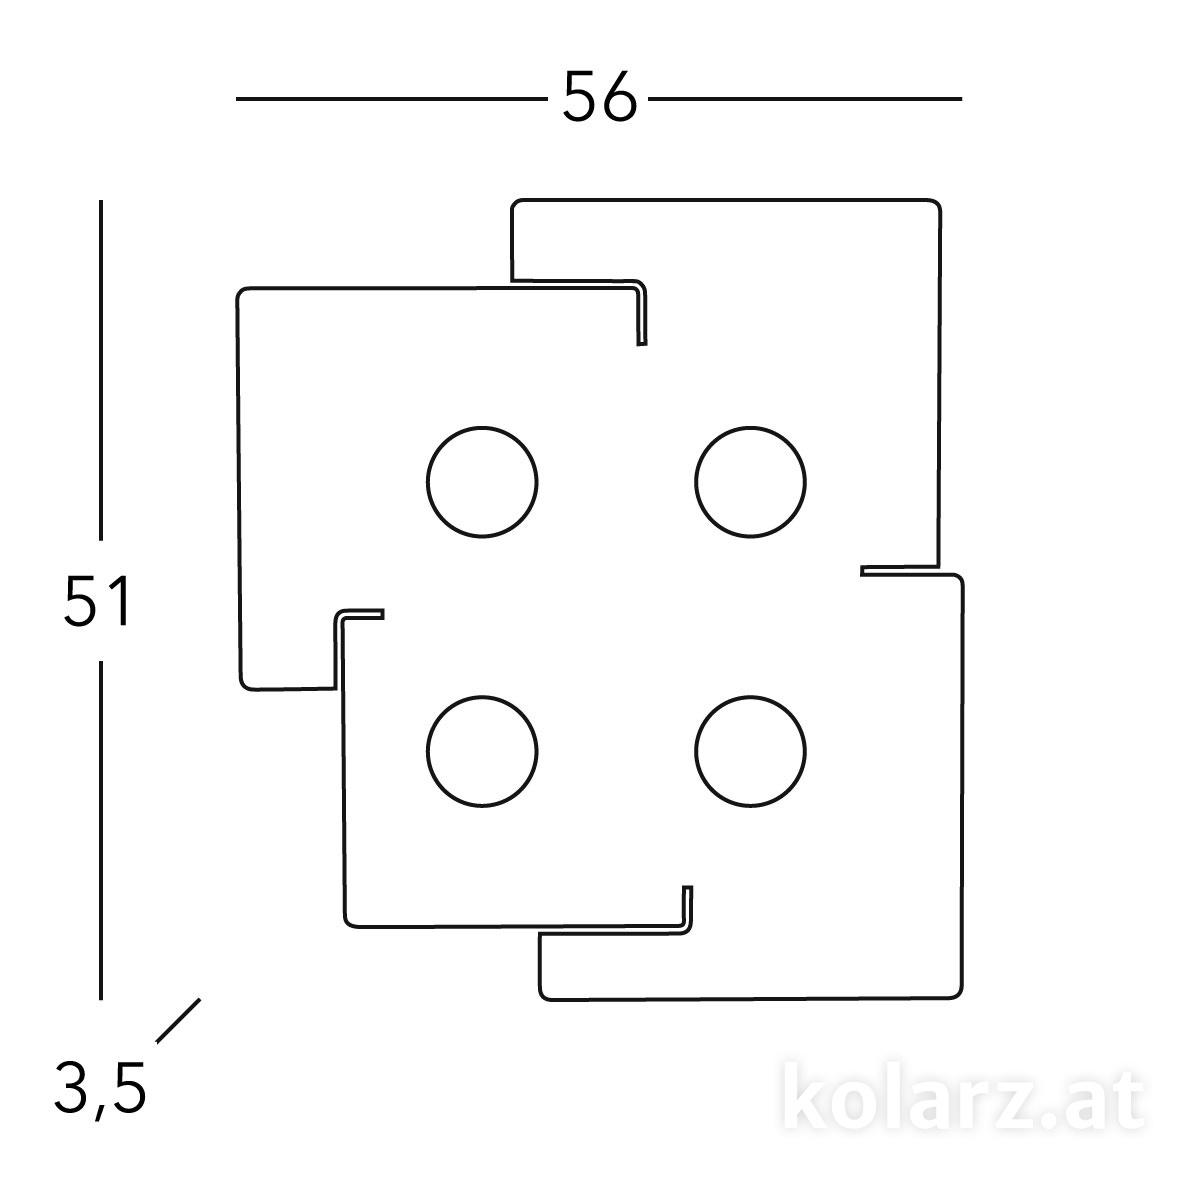 A1337-14-1-VinCu-s1.jpg